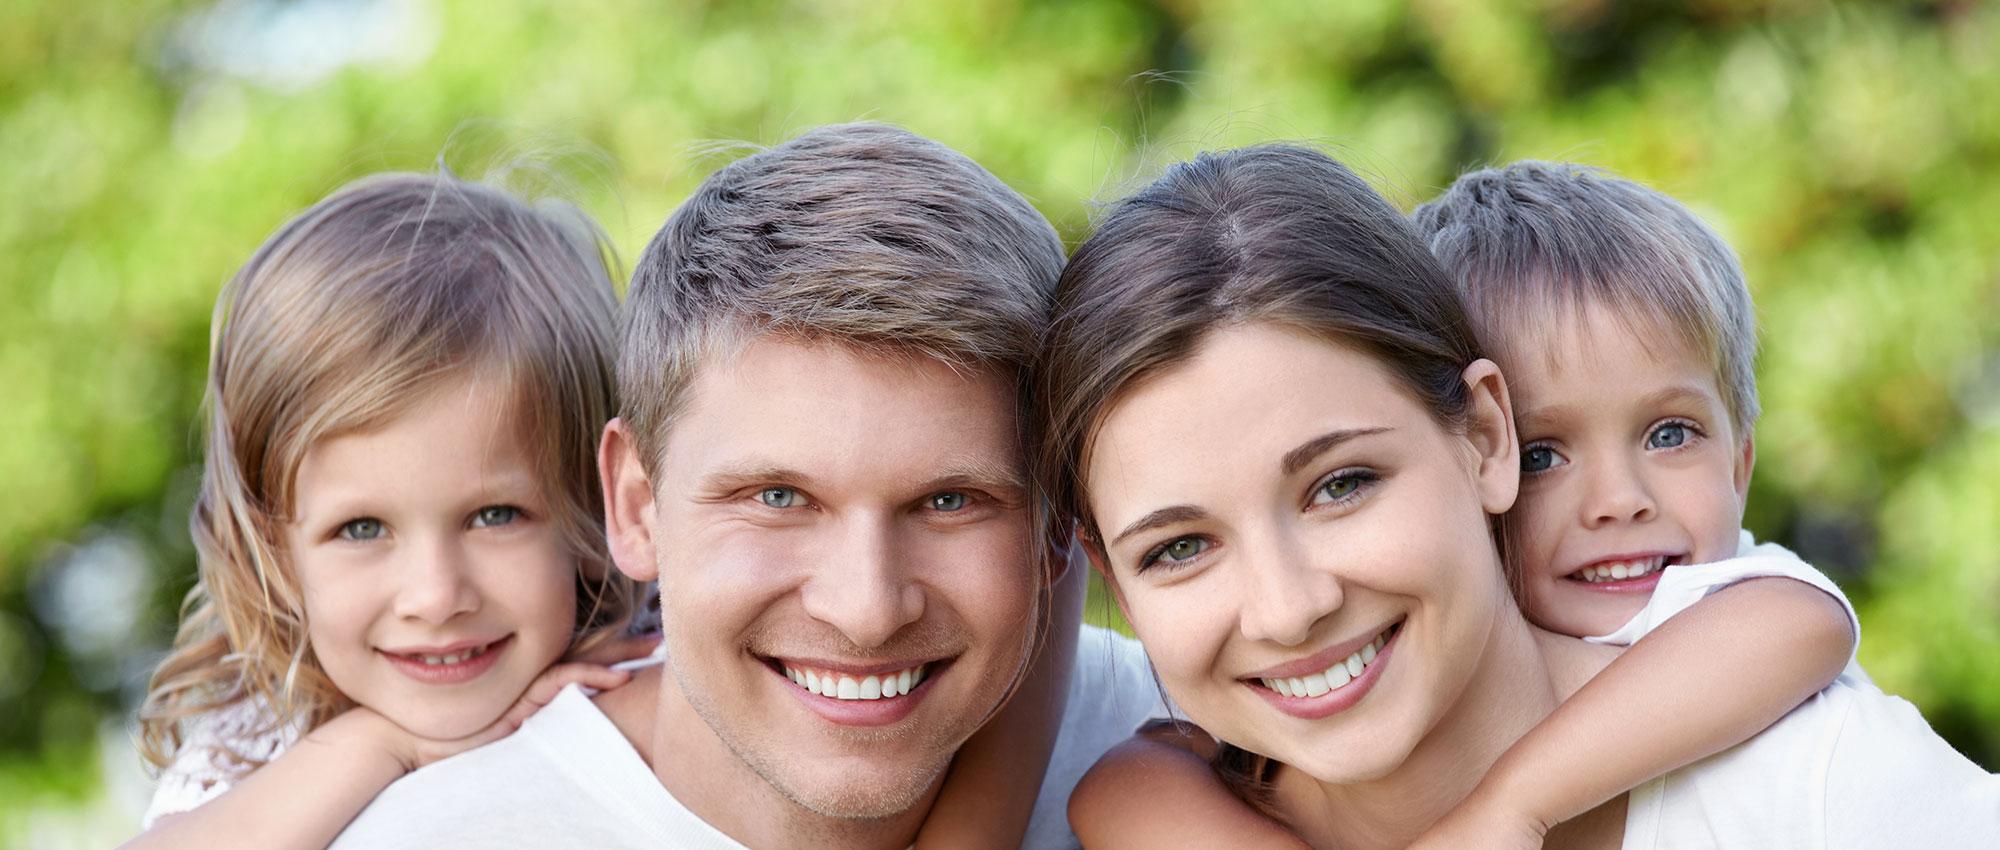 Teeth Whitening Waterside Dental Care Denver Nc